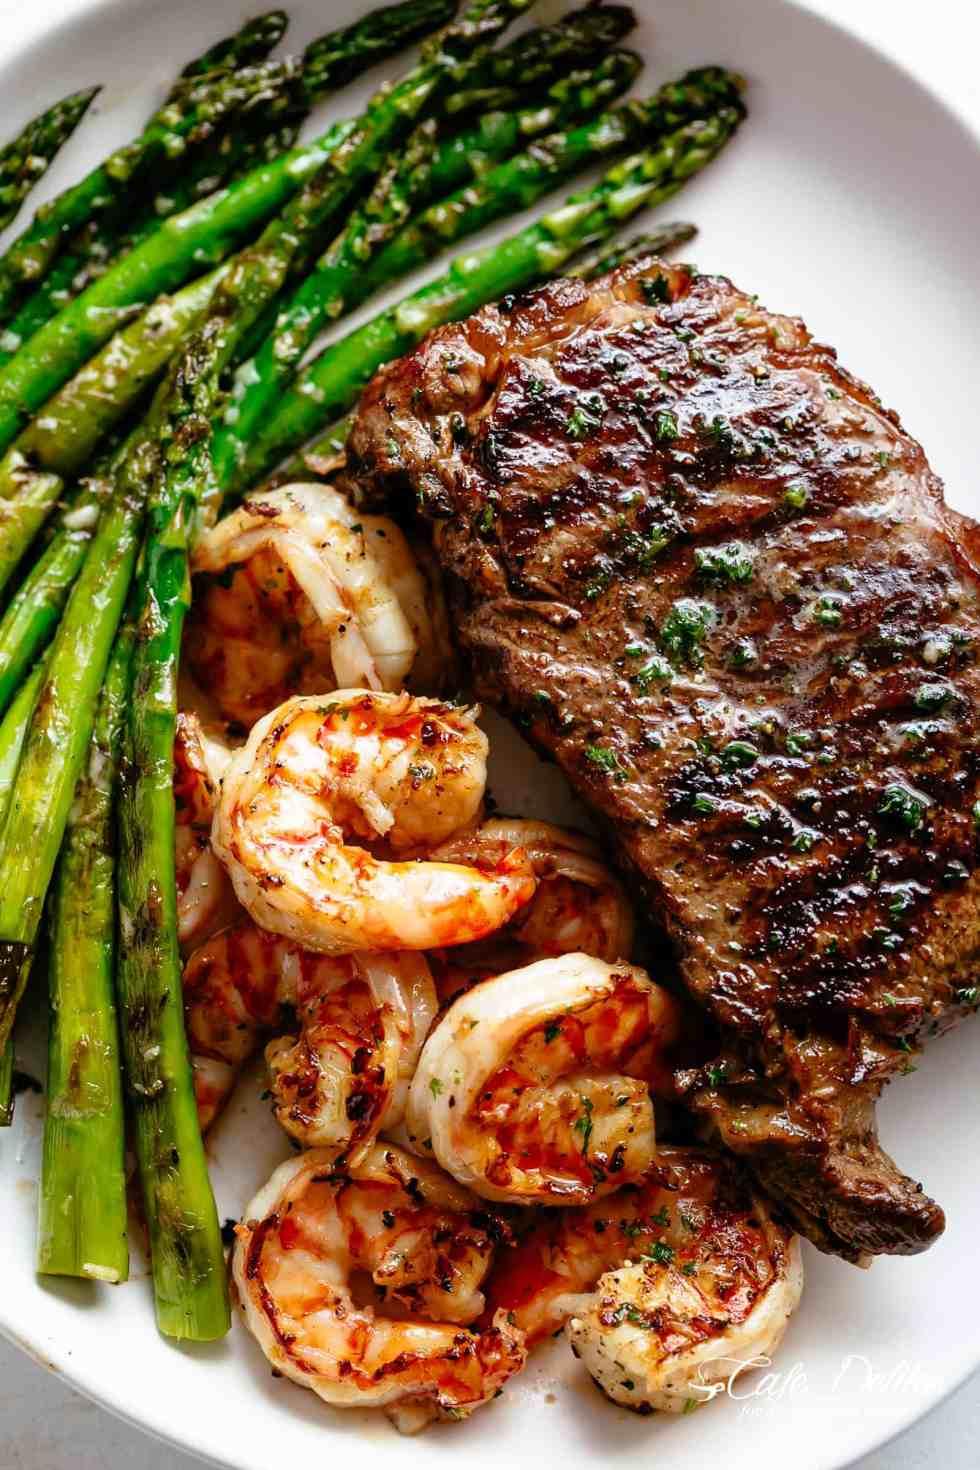 Grilled Steak & Shrimp | cafedelites.com